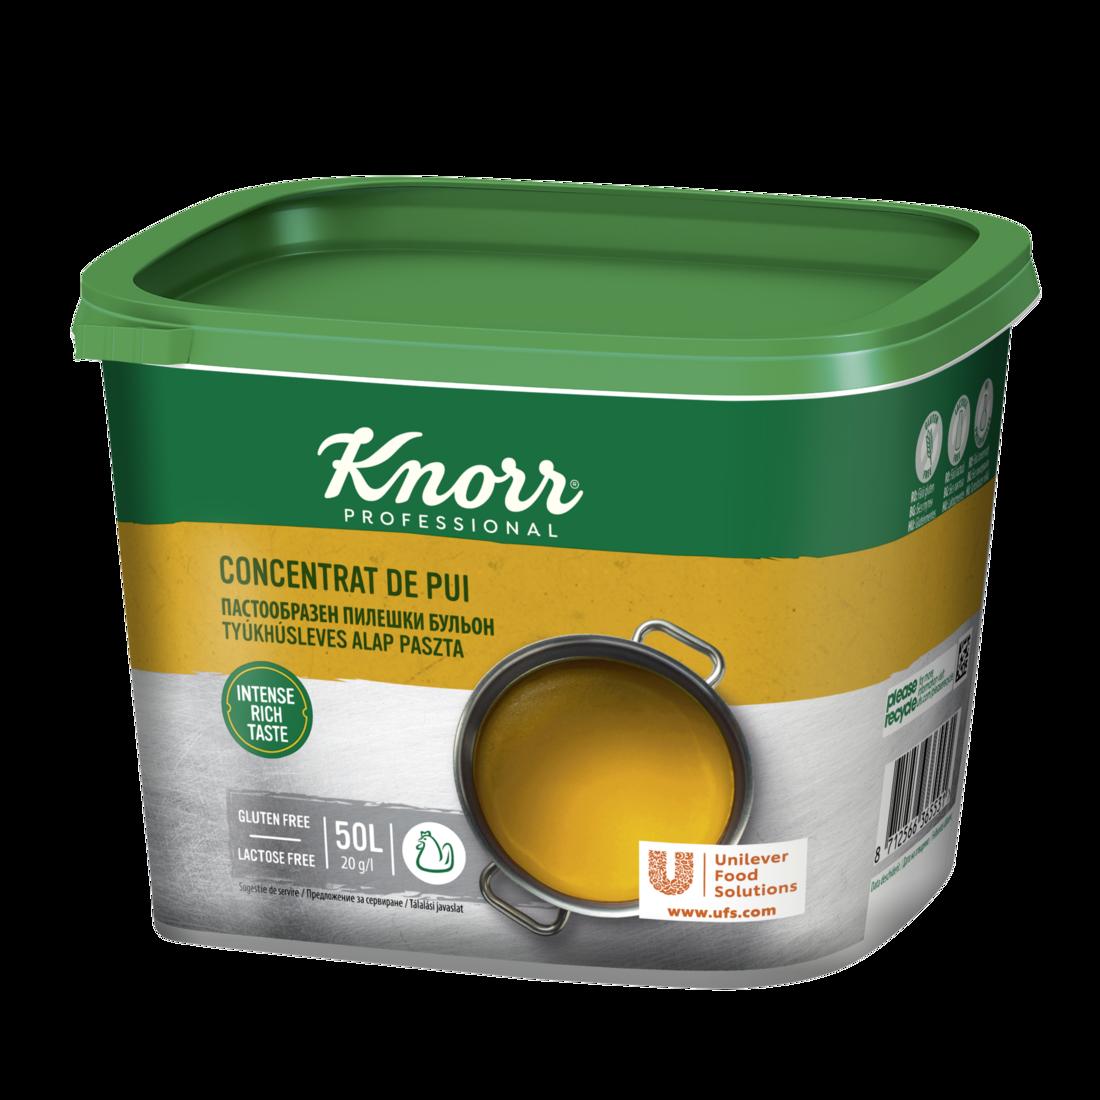 Knorr Concentrat de Pui - Surprinde-ti clientii cu un gust intensificat al preparatelor cu baza de pui.